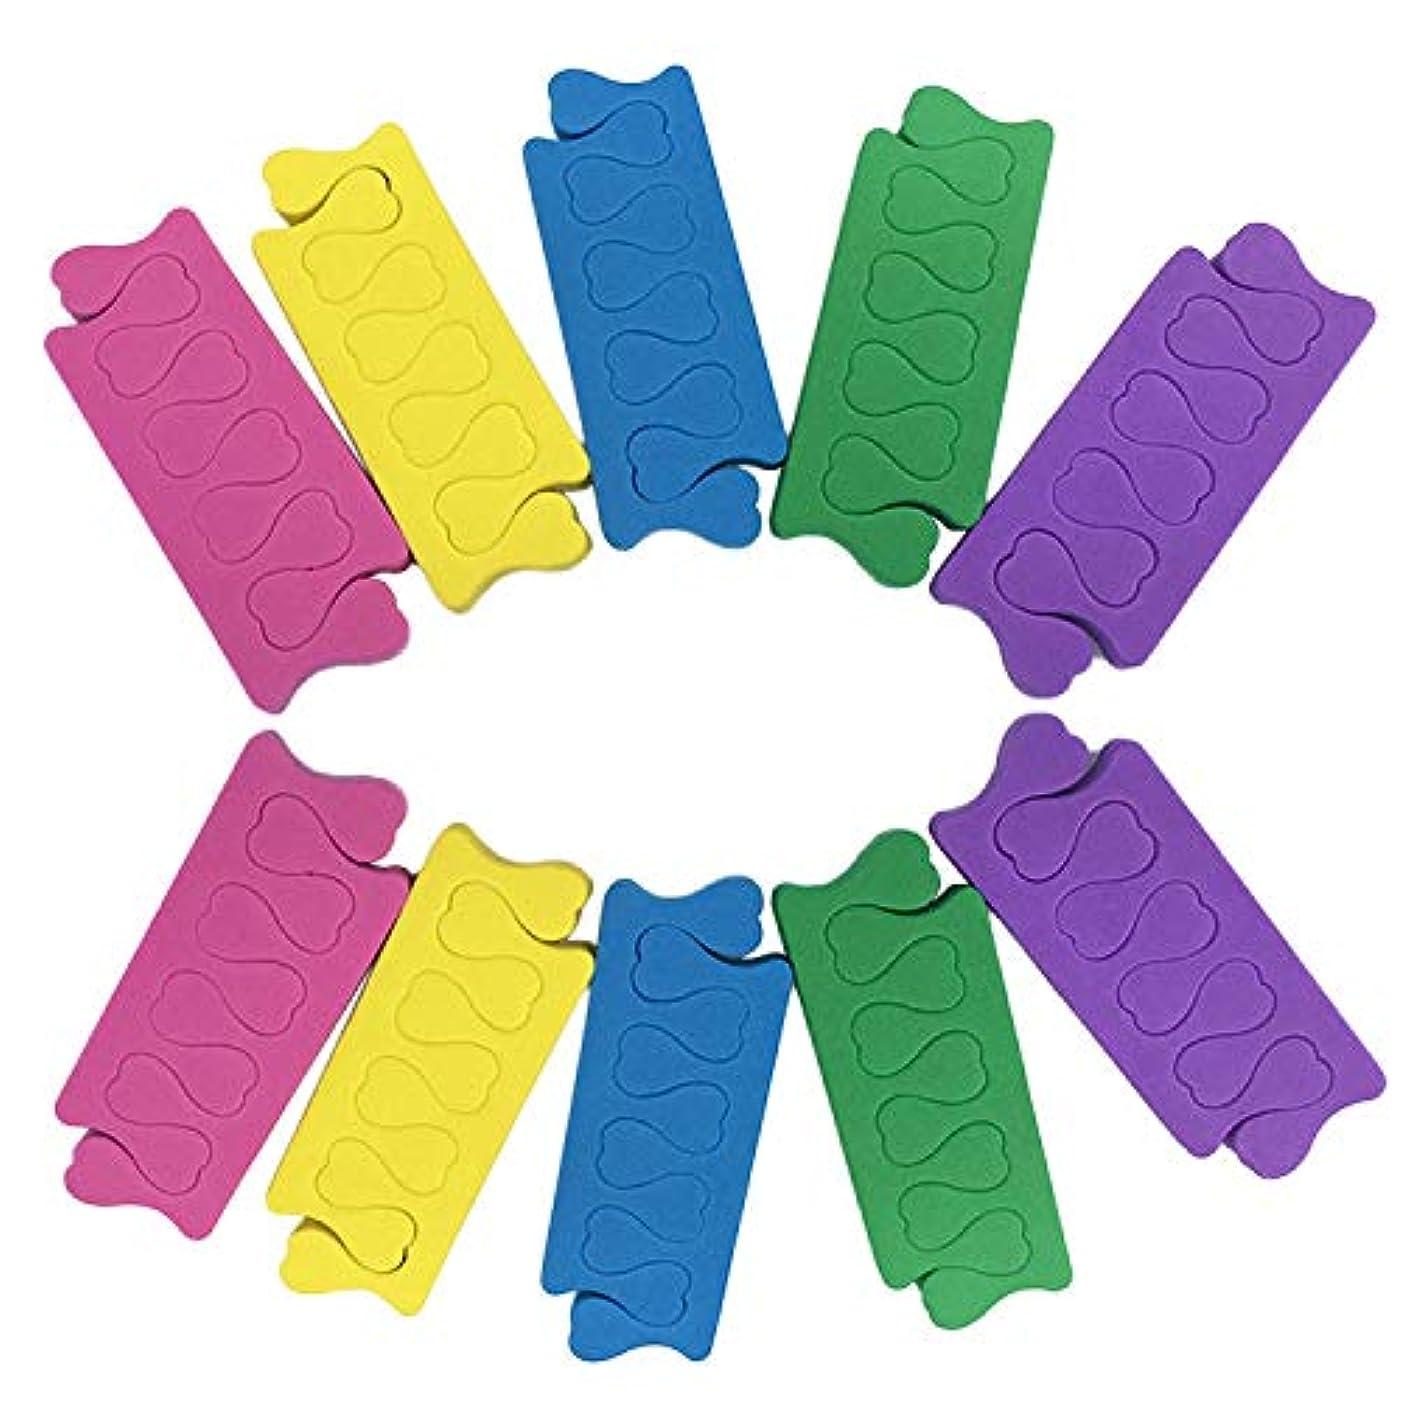 変える知覚する音声学トゥセパレーター Migavann フィンガーセパレーター 50組の色の組み合わせソフトフォームスポンジフィンガーセパレーターデバイダーネイルアートマニキュアペディキュアツール